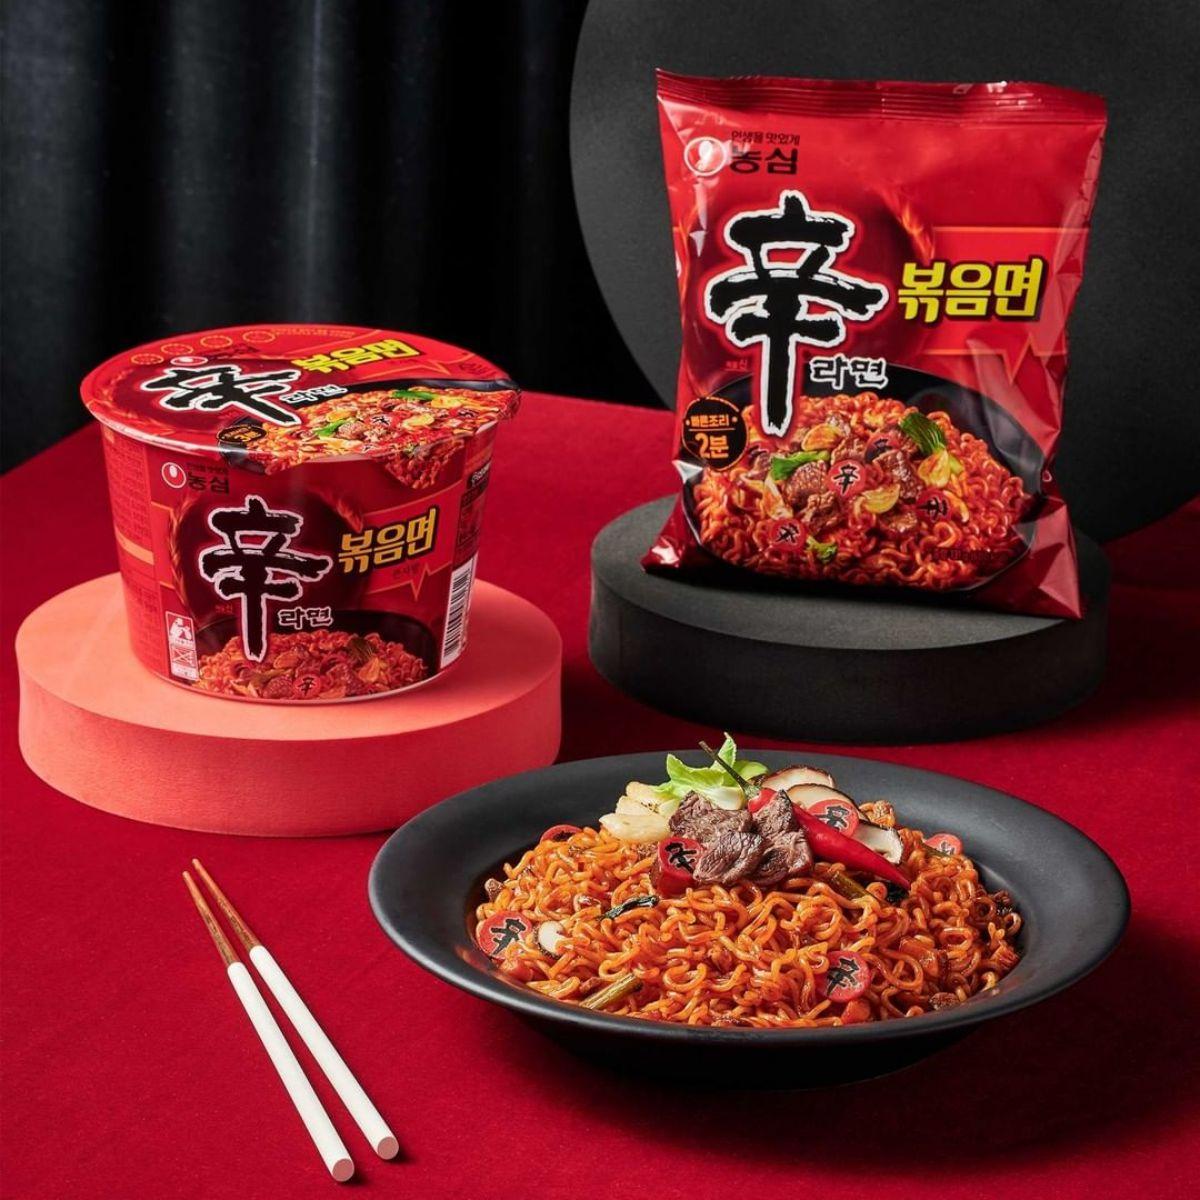 泡麵控先嘗!韓國「辛拉麵」首次推無湯頭「炒拉麵」,挑戰嗜辣極限